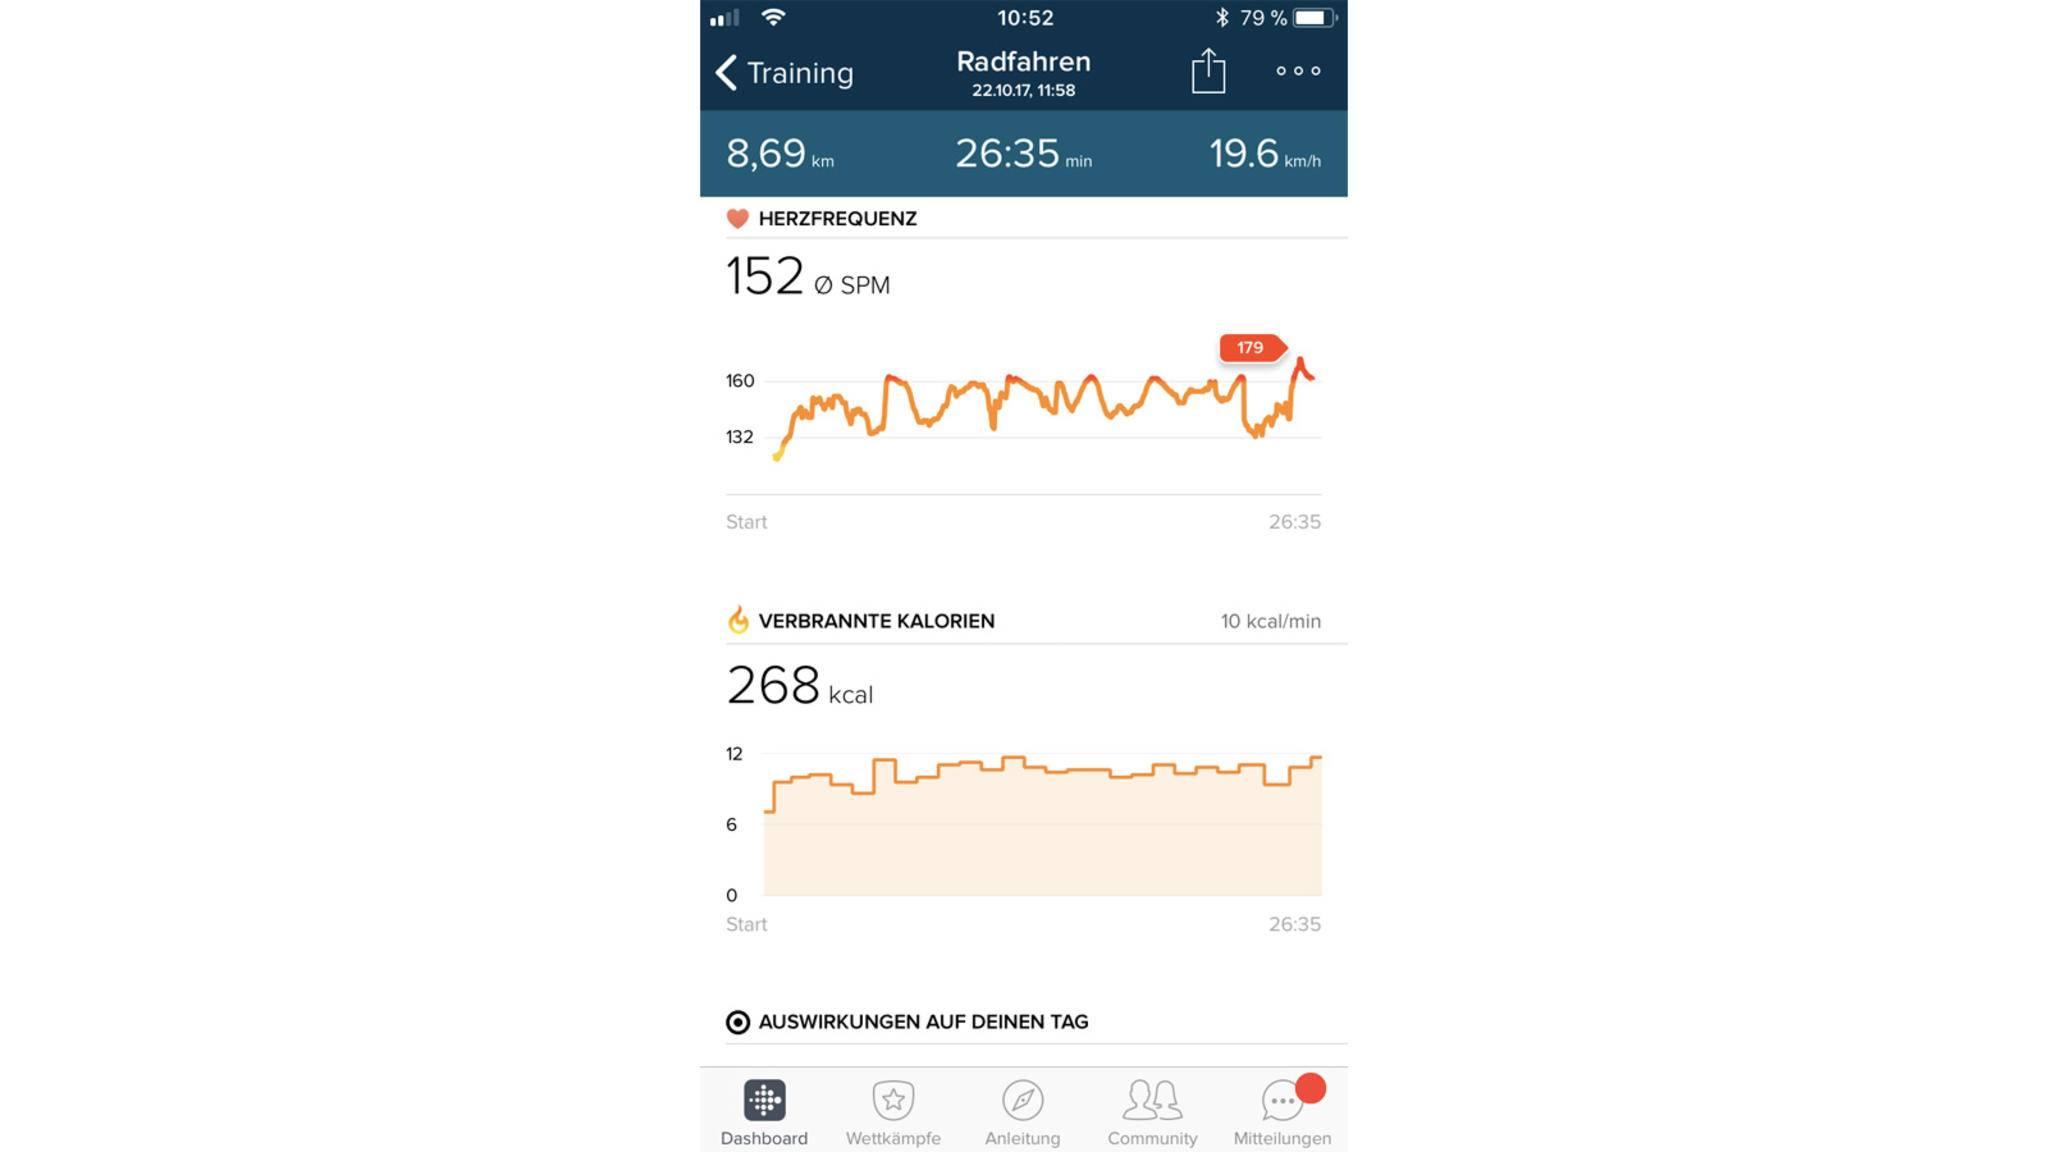 ... kannst Du auch die Veränderungen Deiner Herzfrequenz prüfen und sehen, wie viele Kalorien Du verbrannt hast.